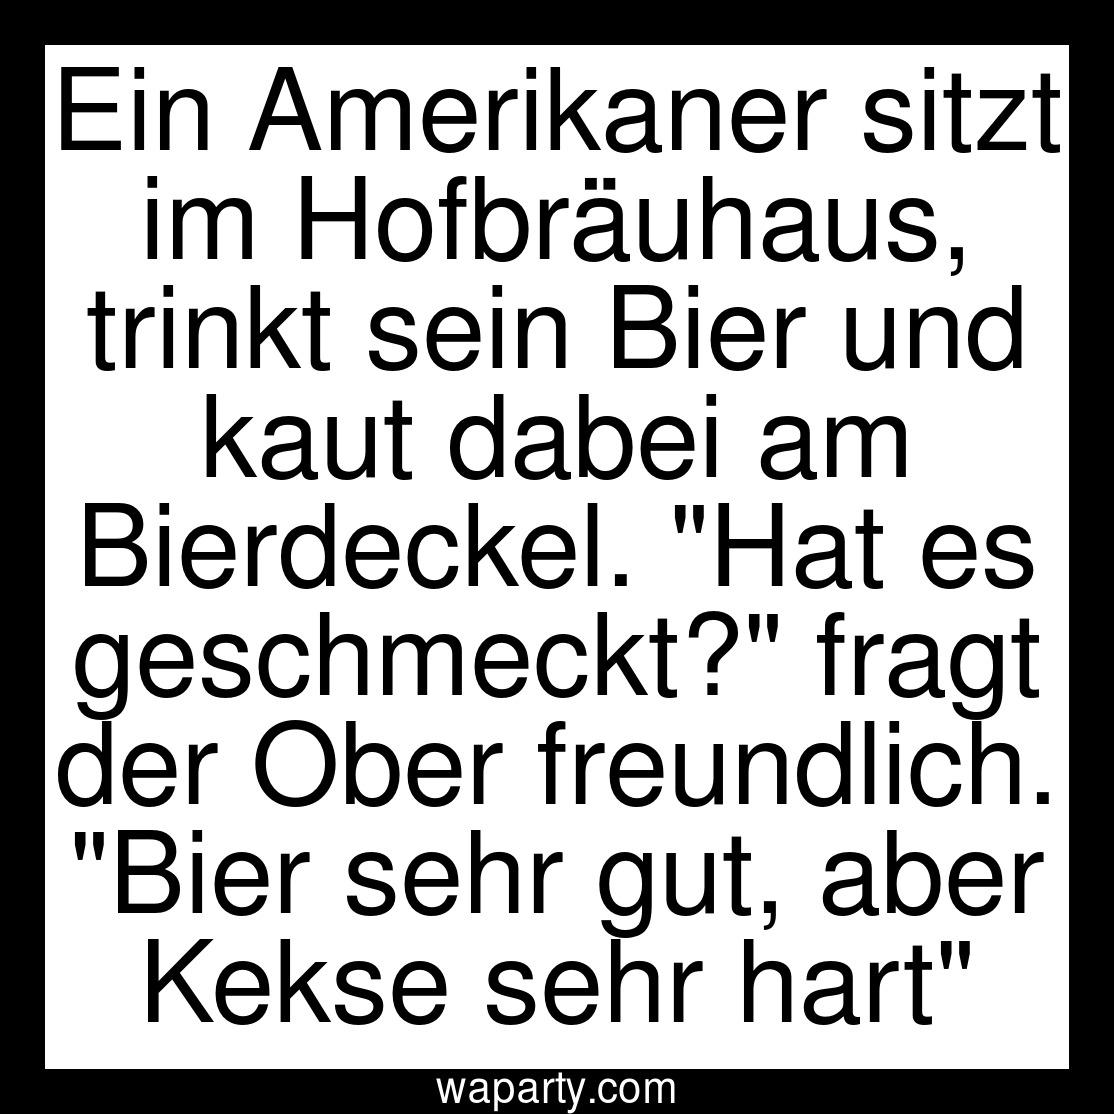 Ein Amerikaner sitzt im Hofbräuhaus, trinkt sein Bier und kaut dabei am Bierdeckel. Hat es geschmeckt? fragt der Ober freundlich. Bier sehr gut, aber Kekse sehr hart